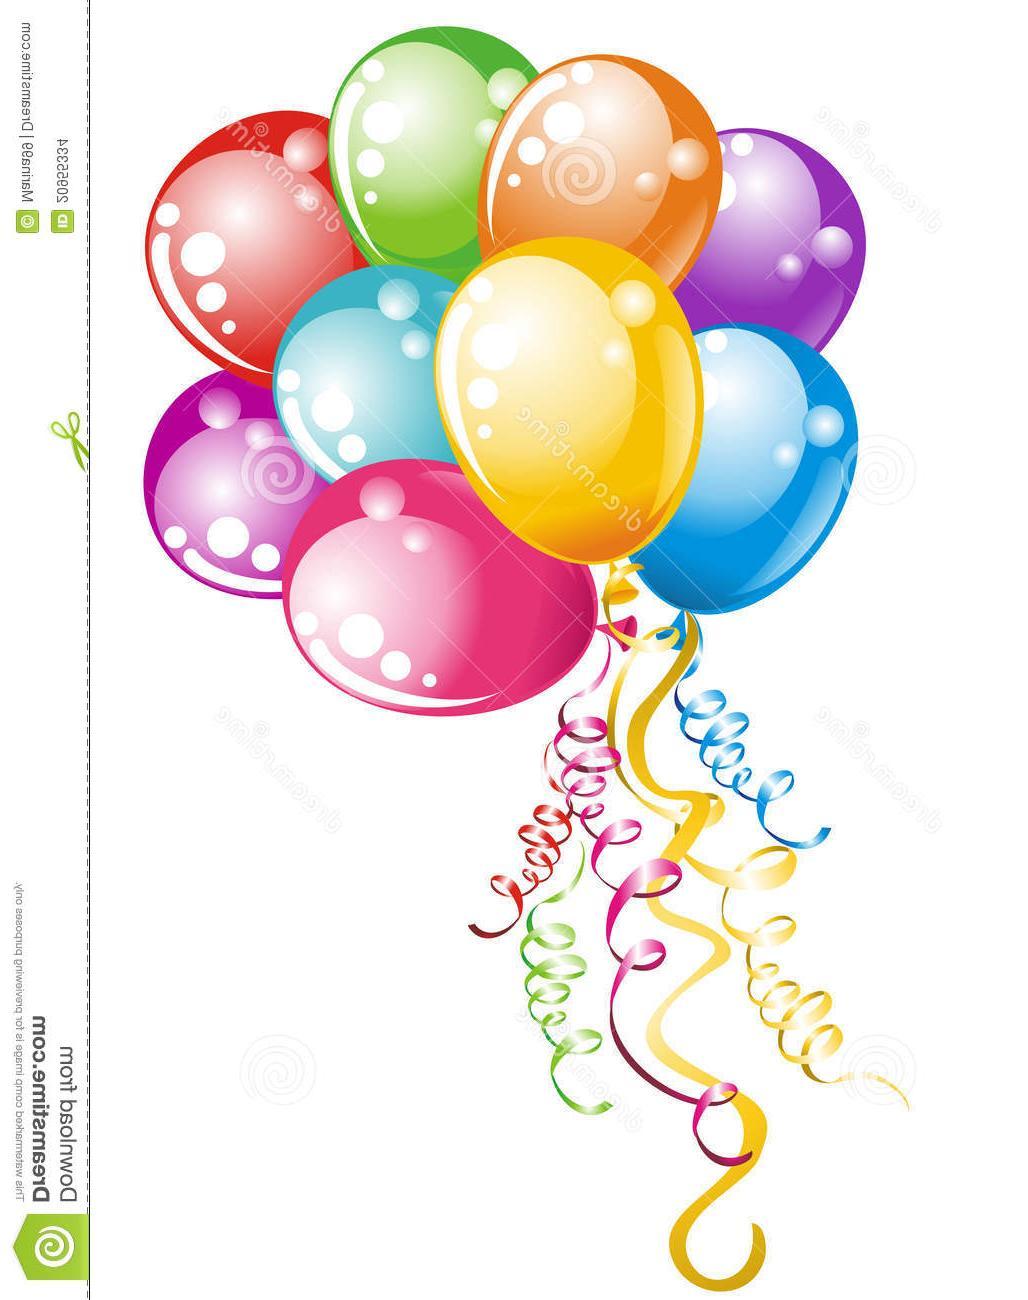 Balloons clipart celebration. Top clip art vector